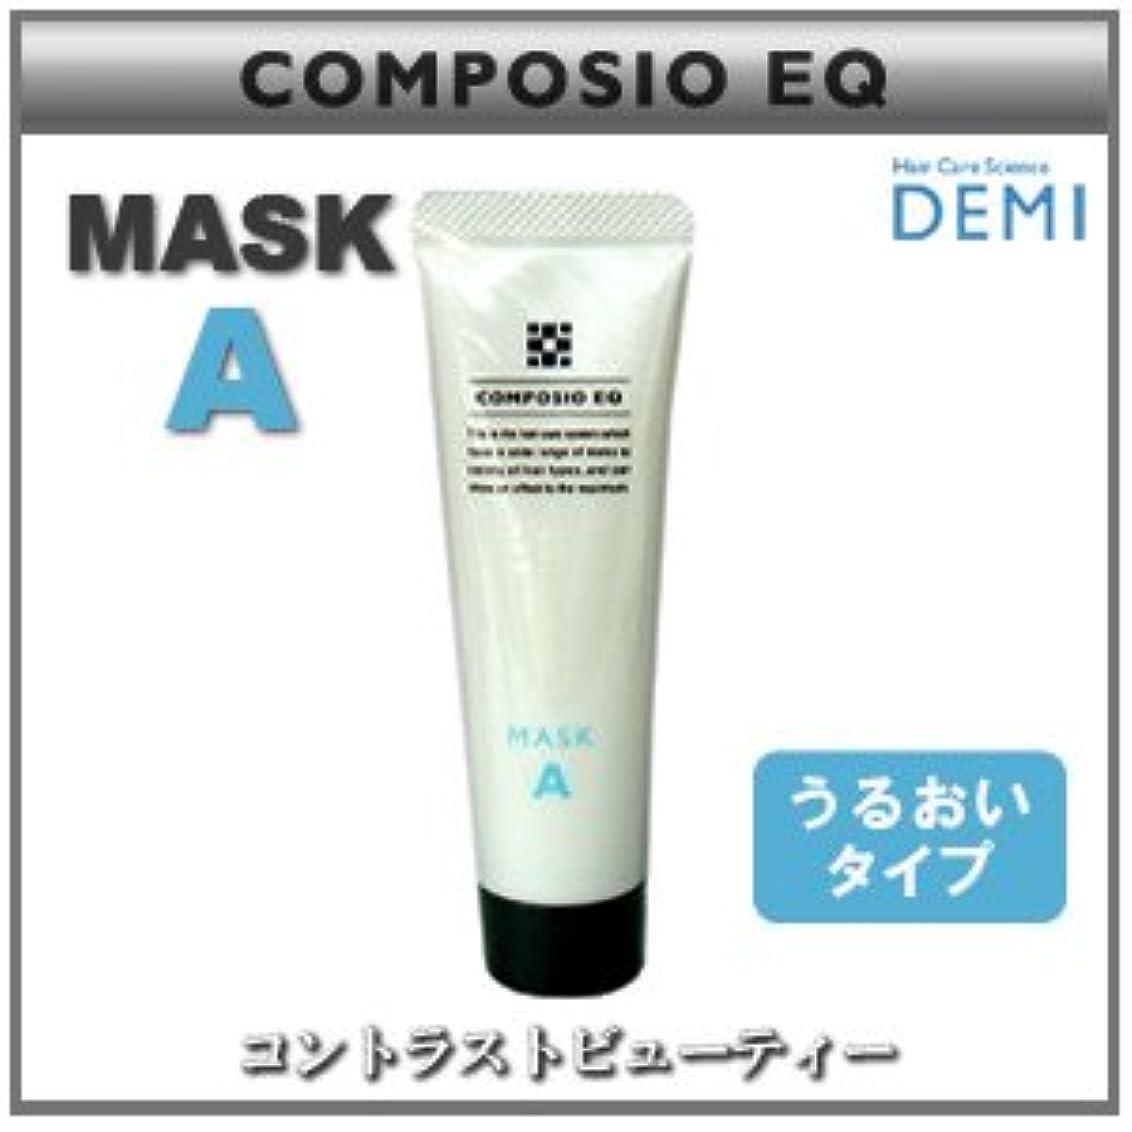 メタン受け入れた咲く【X5個セット】 デミ コンポジオ EQ マスク A 50g